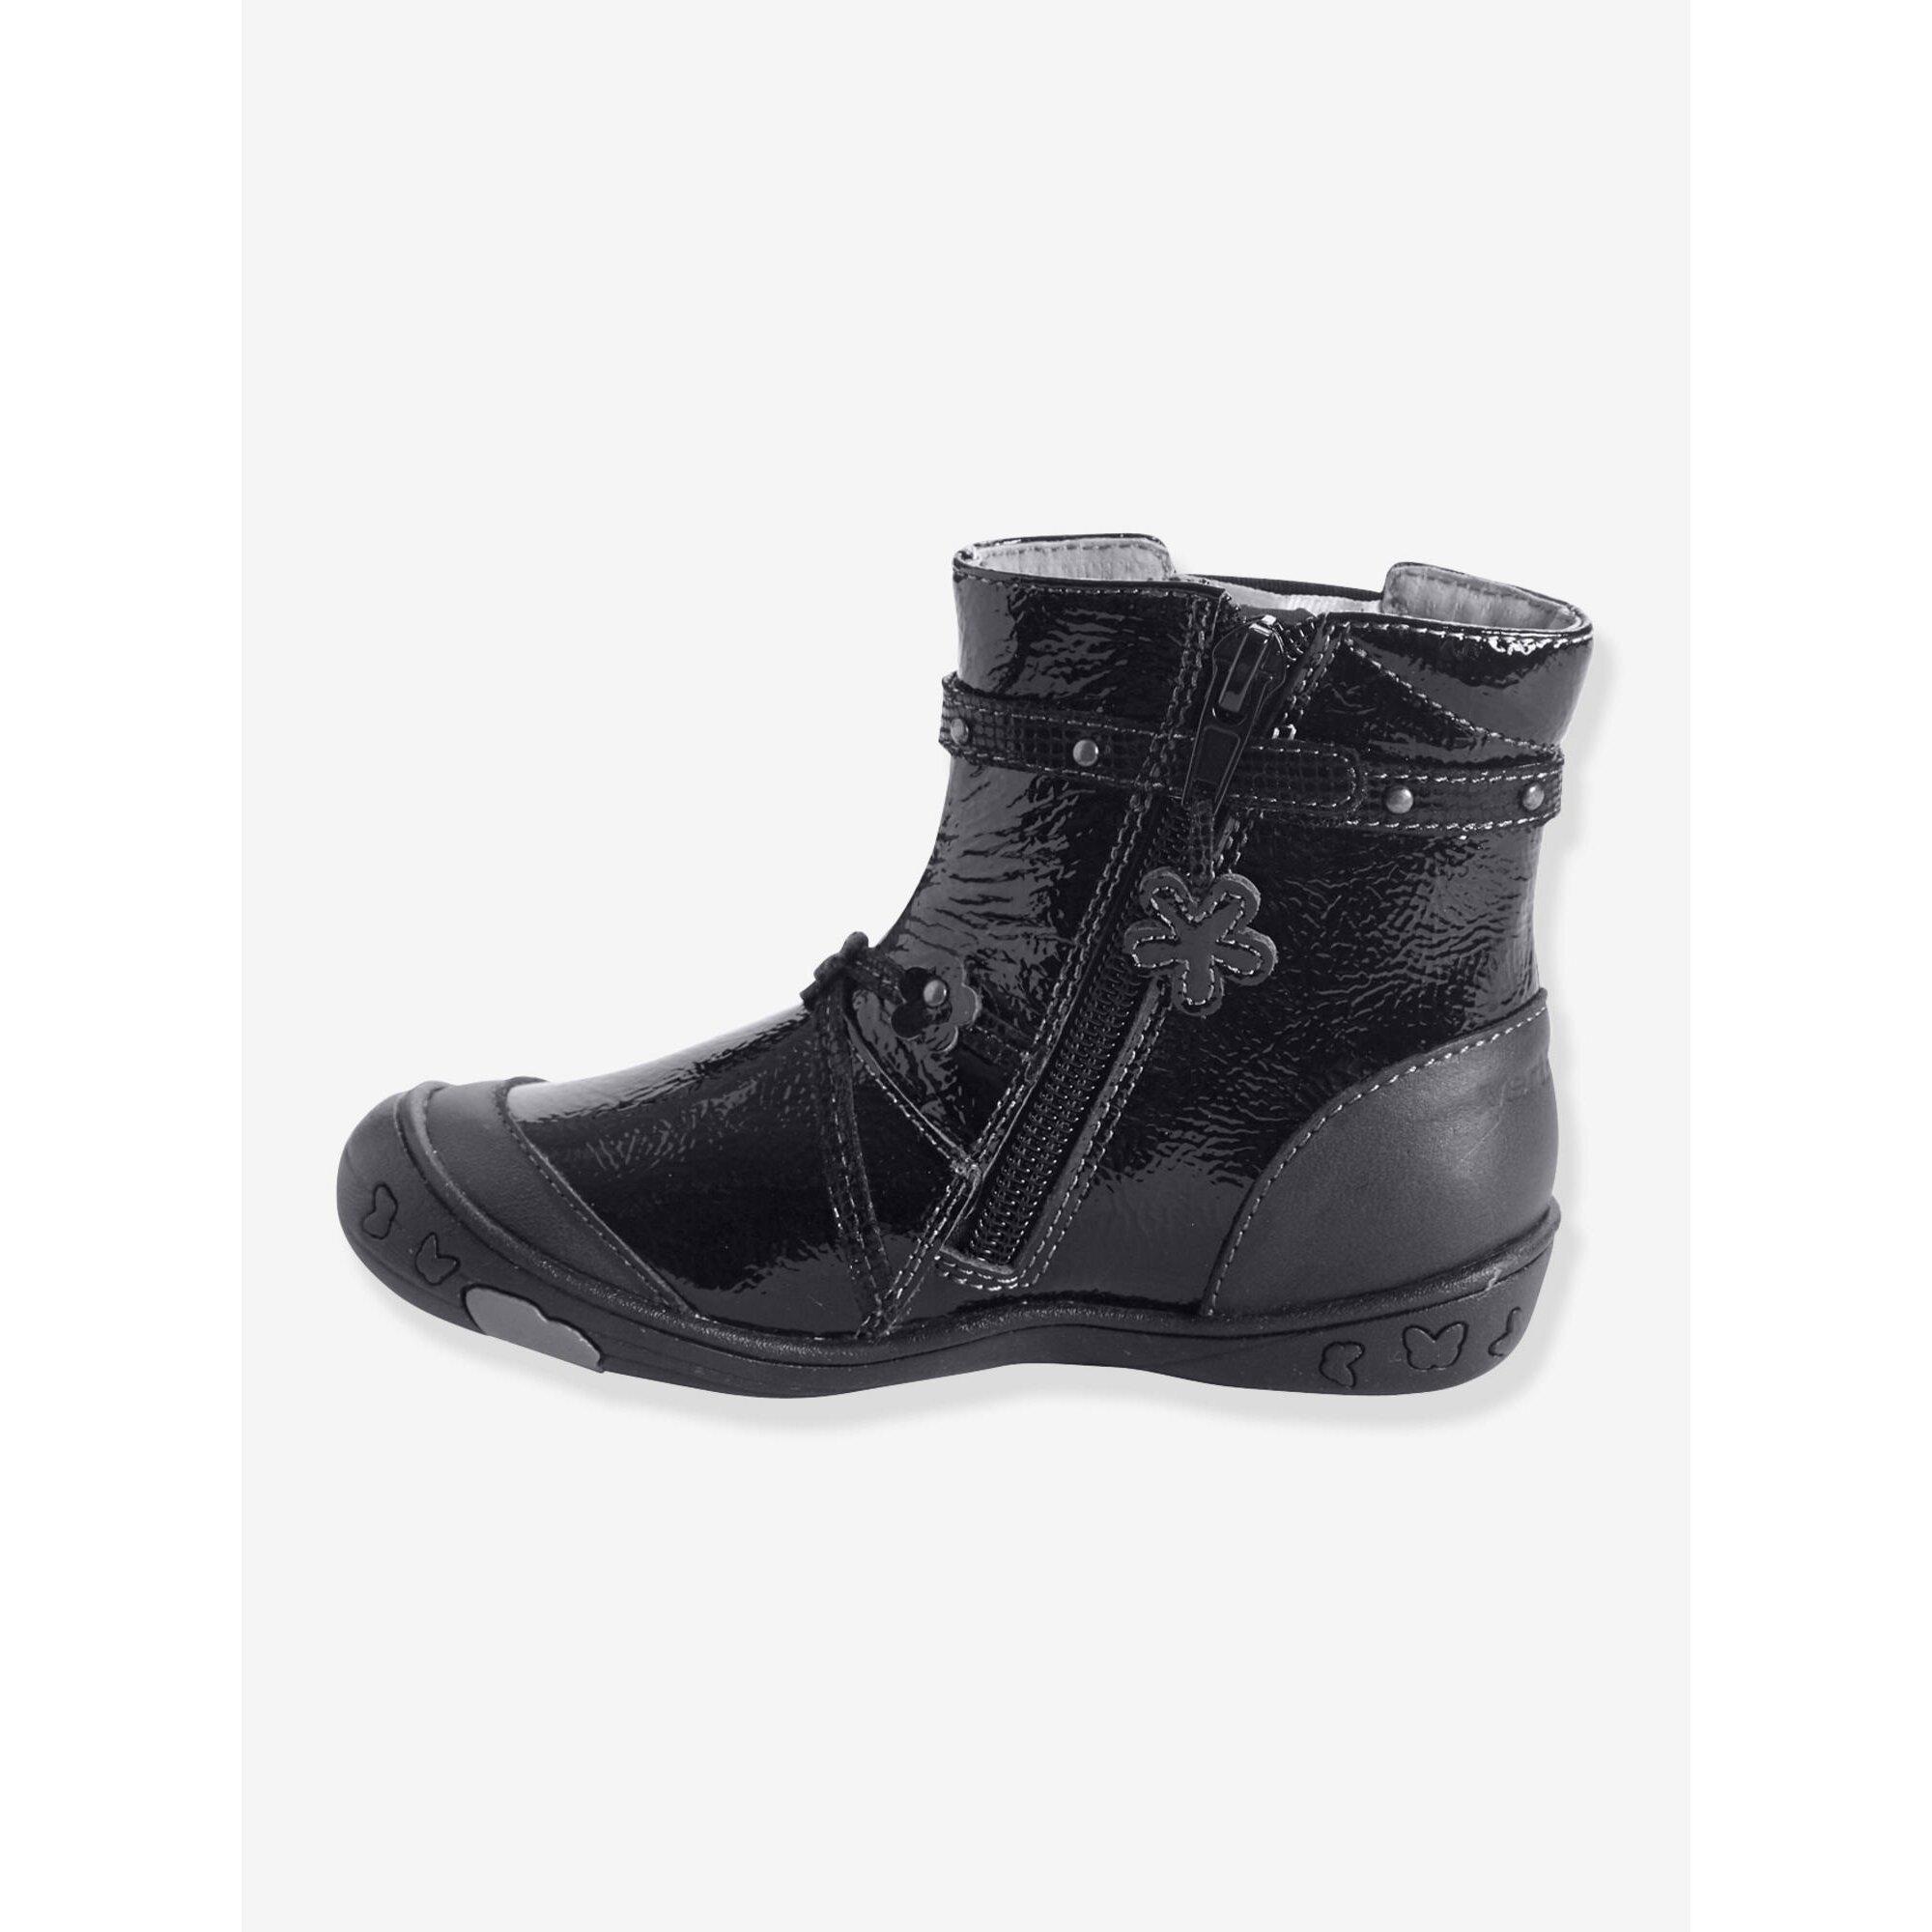 vertbaudet-boots-fur-madchen-mit-anziehtrick, 34.99 EUR @ babywalz-de